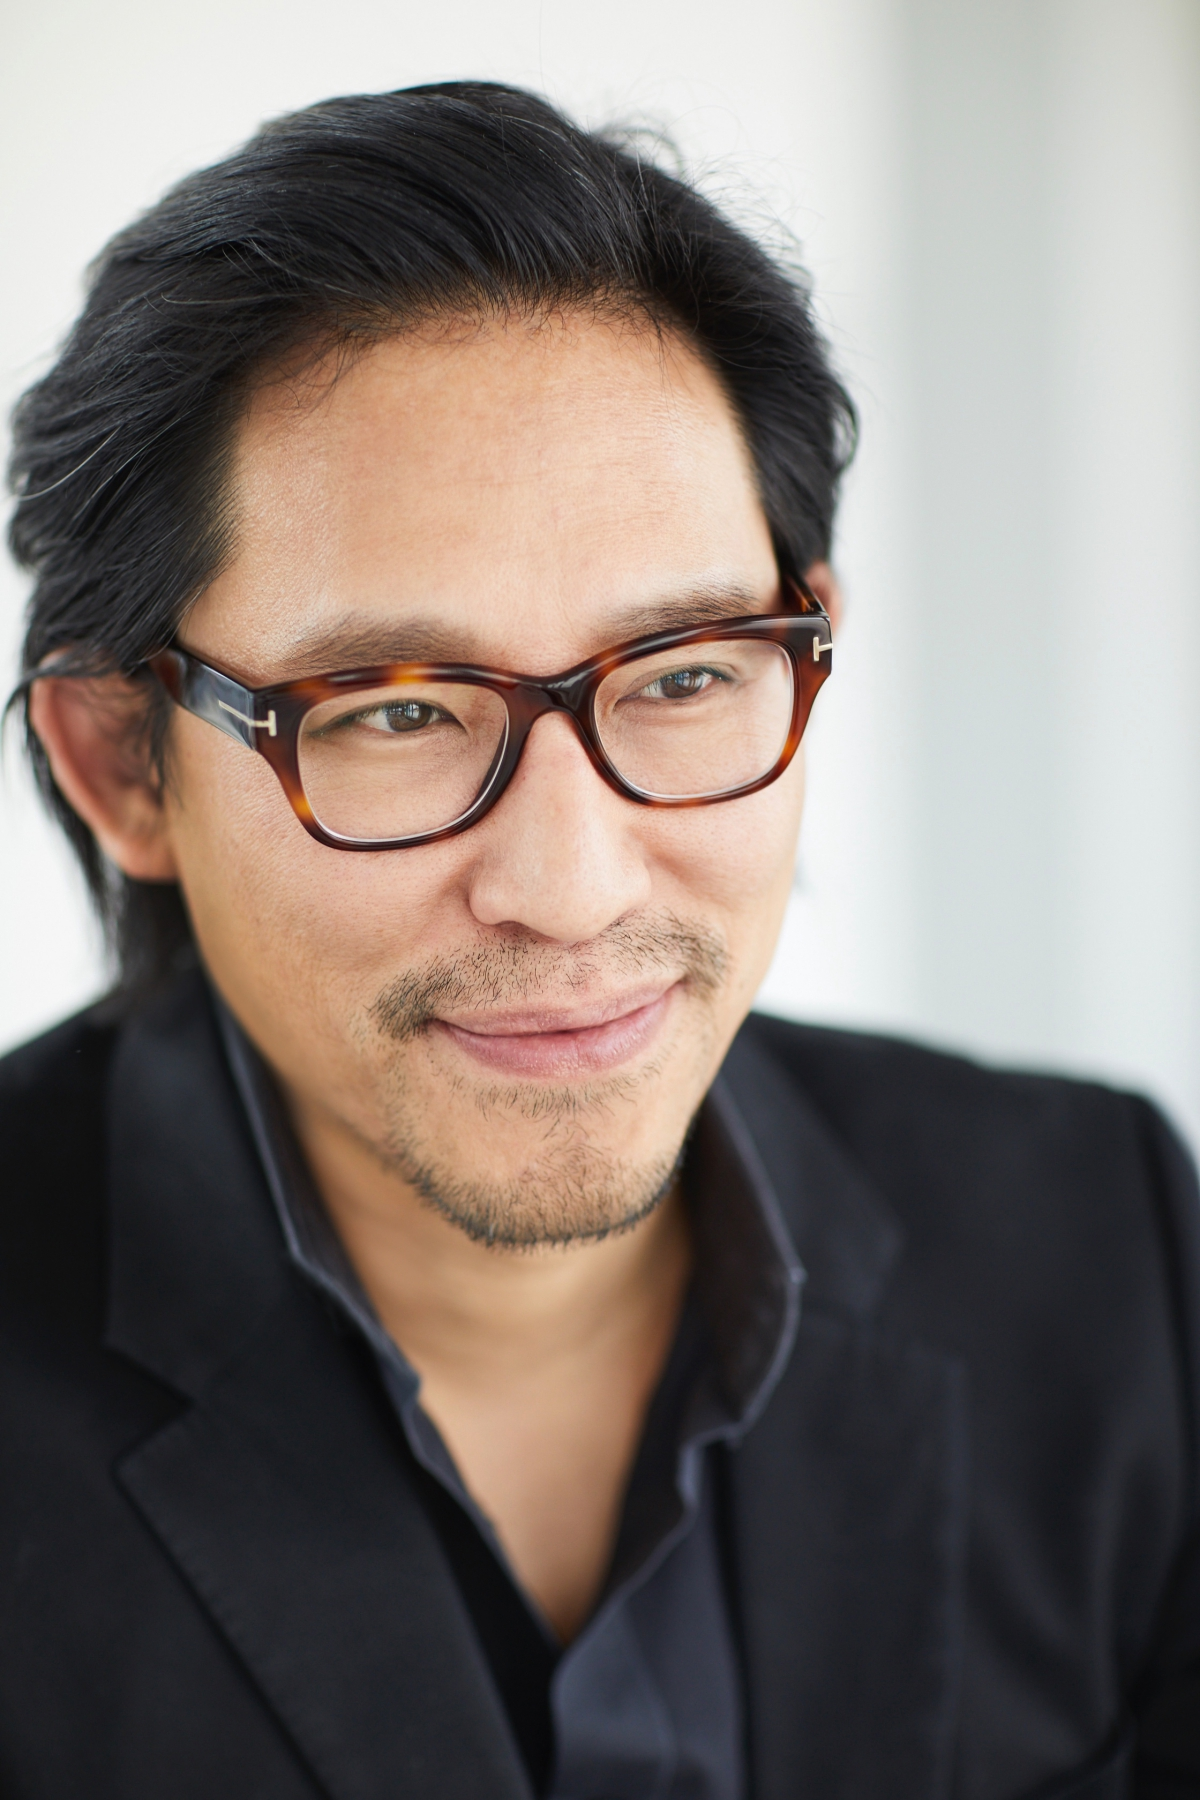 Hyundai nomeia Juho Suo como vice-presidente e diretor do Hyundai Design Innovation Group